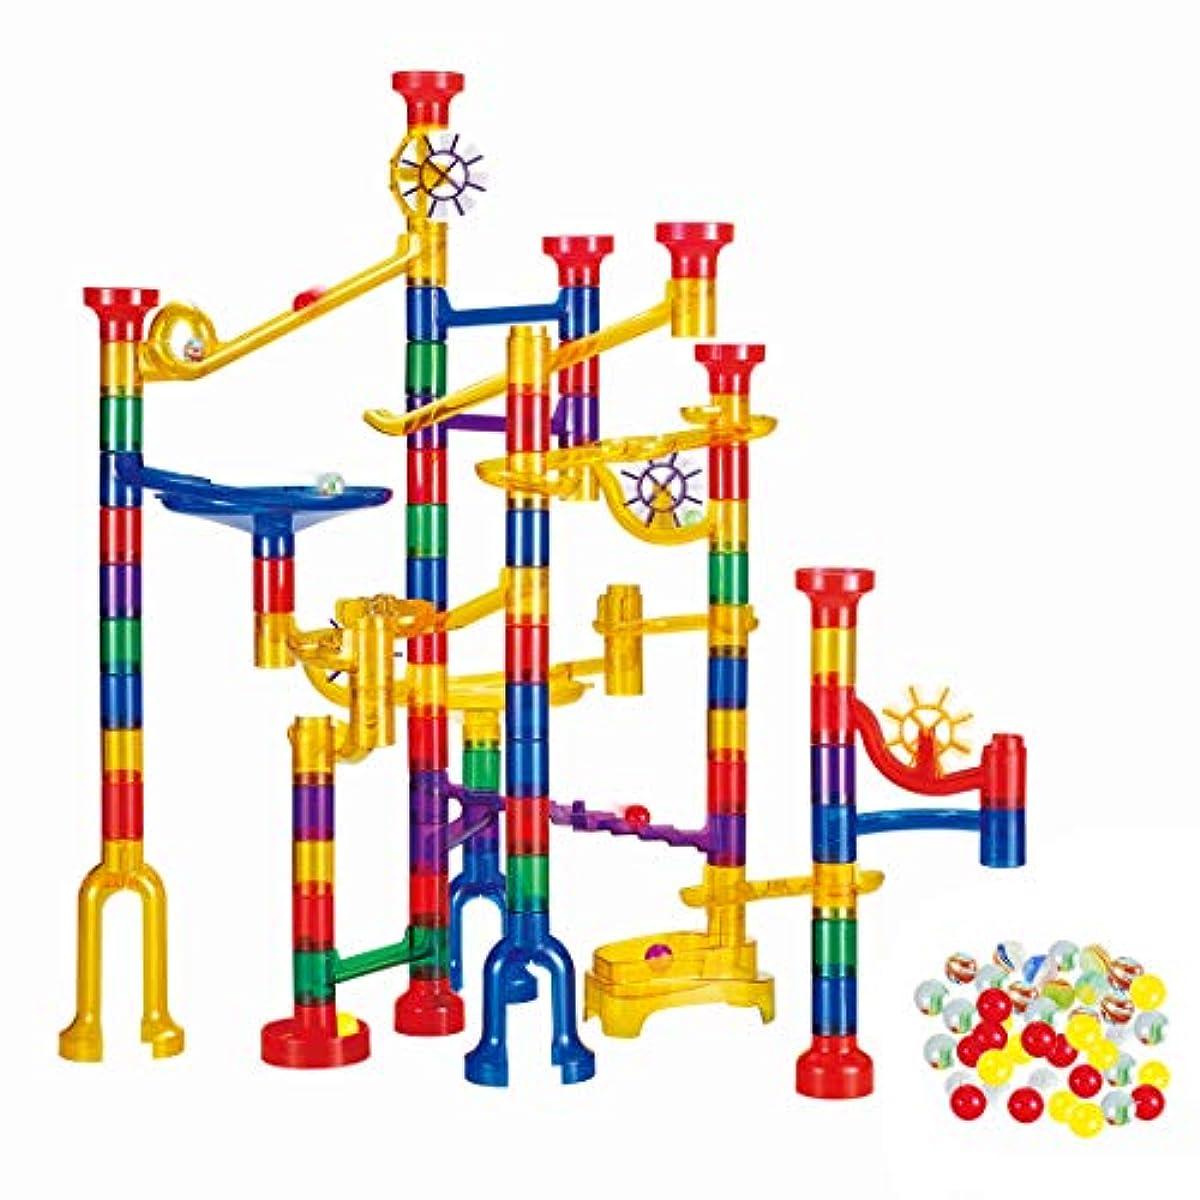 [해외] WTOR 장난감 190개 비즈 코스터 교육 완구 조립 사내 아이 소녀 선물 해피버스데이 선물 아이 집짓기 놀이